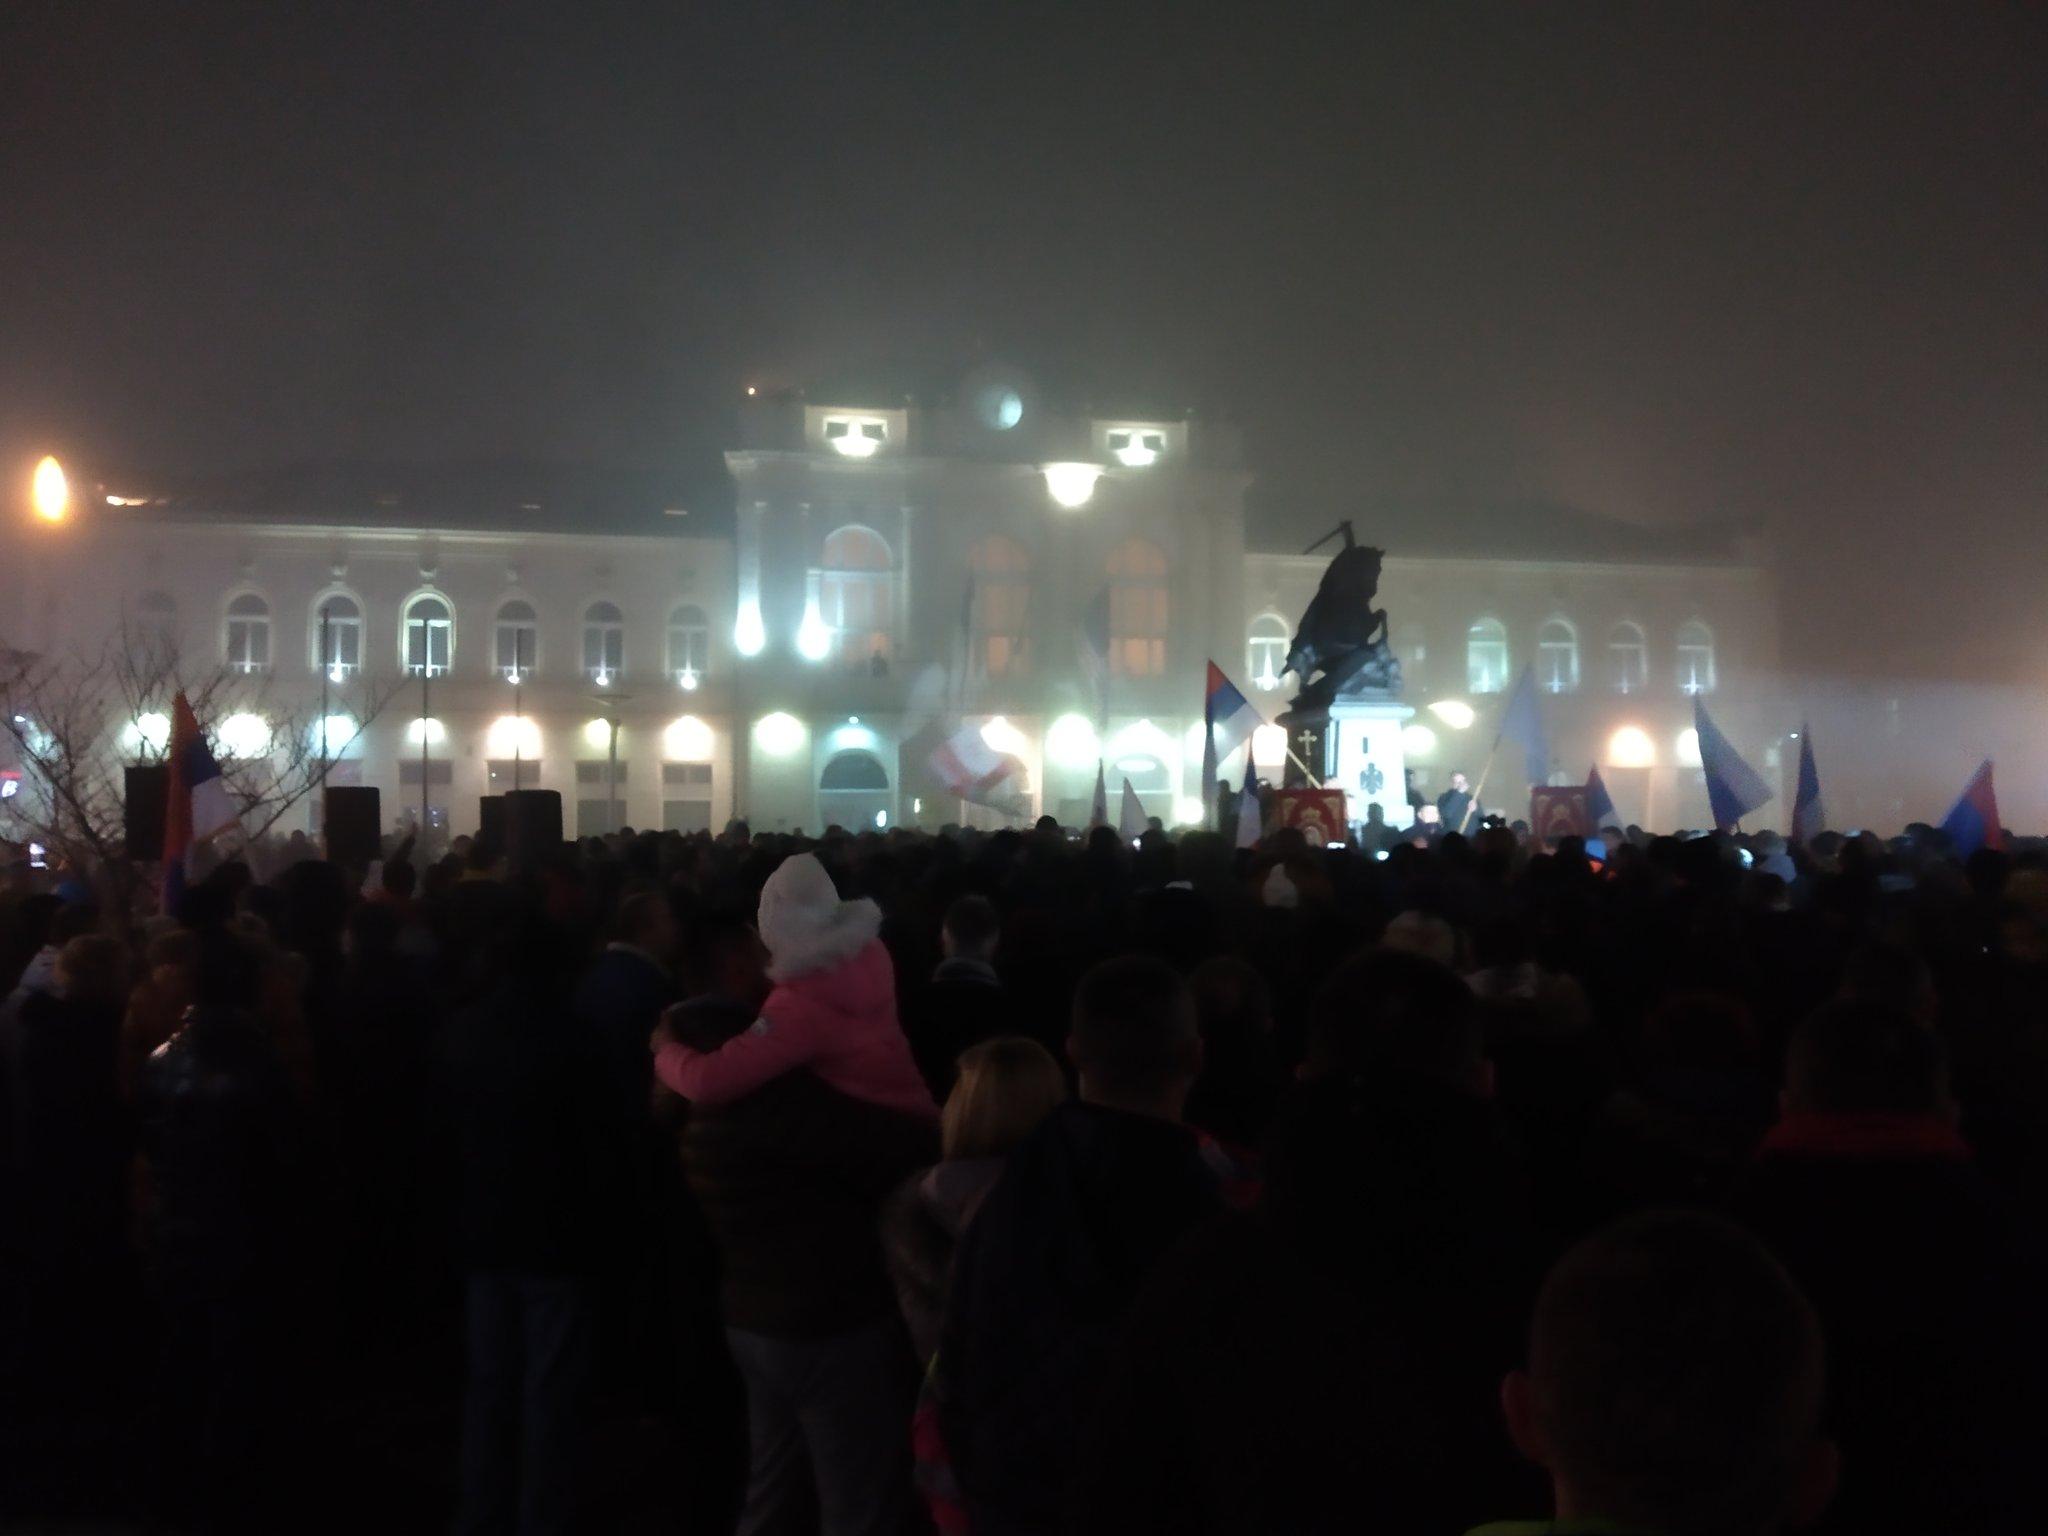 Хиљаде верника на молебану у Бијељини знак подршке браћи у Црној Гори